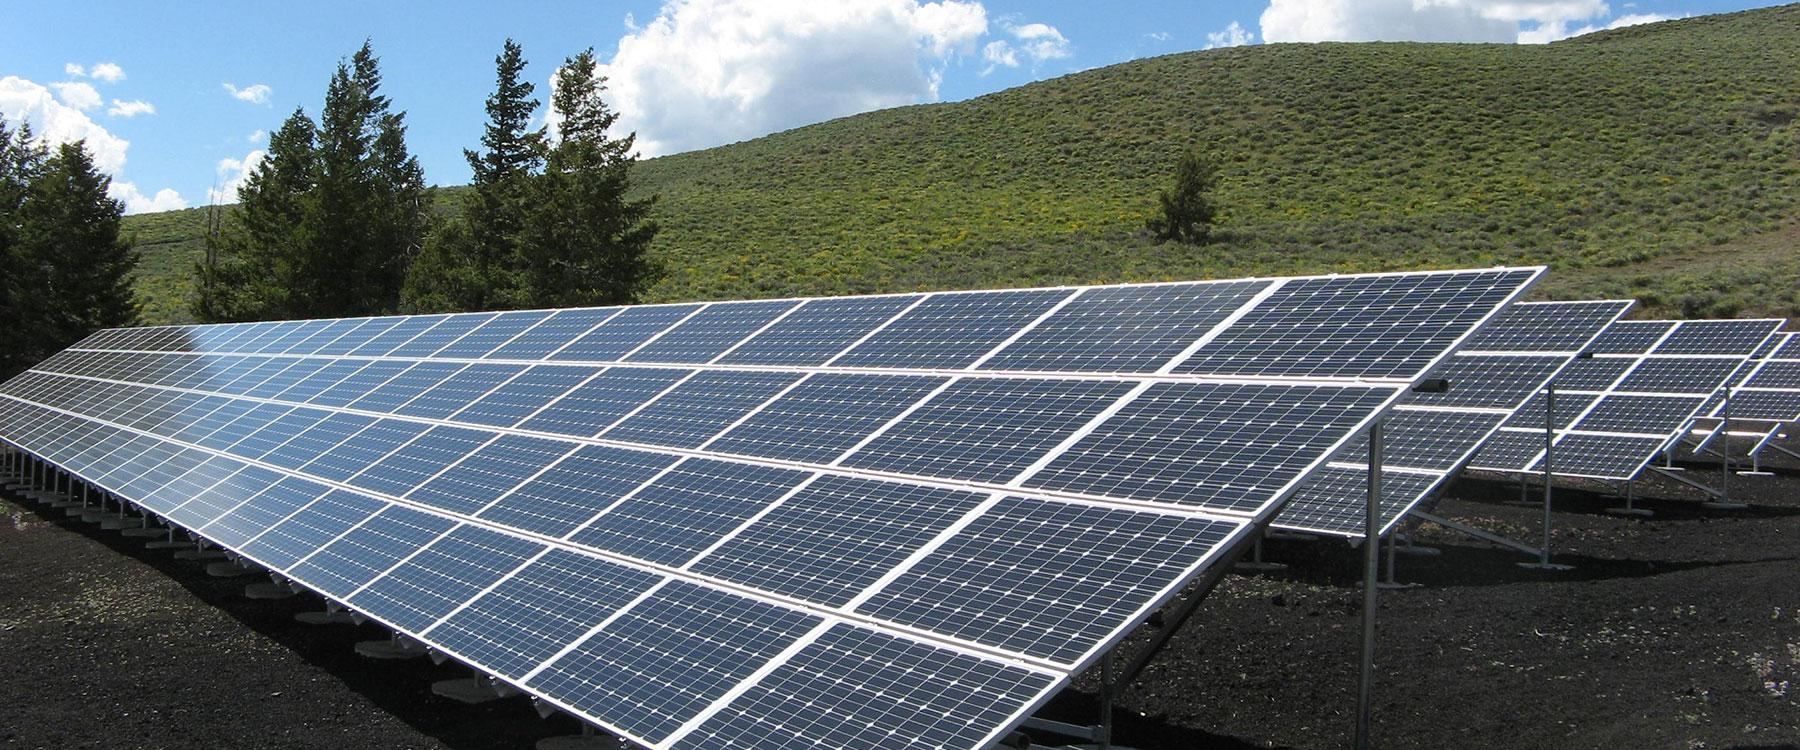 solarna energija paneli